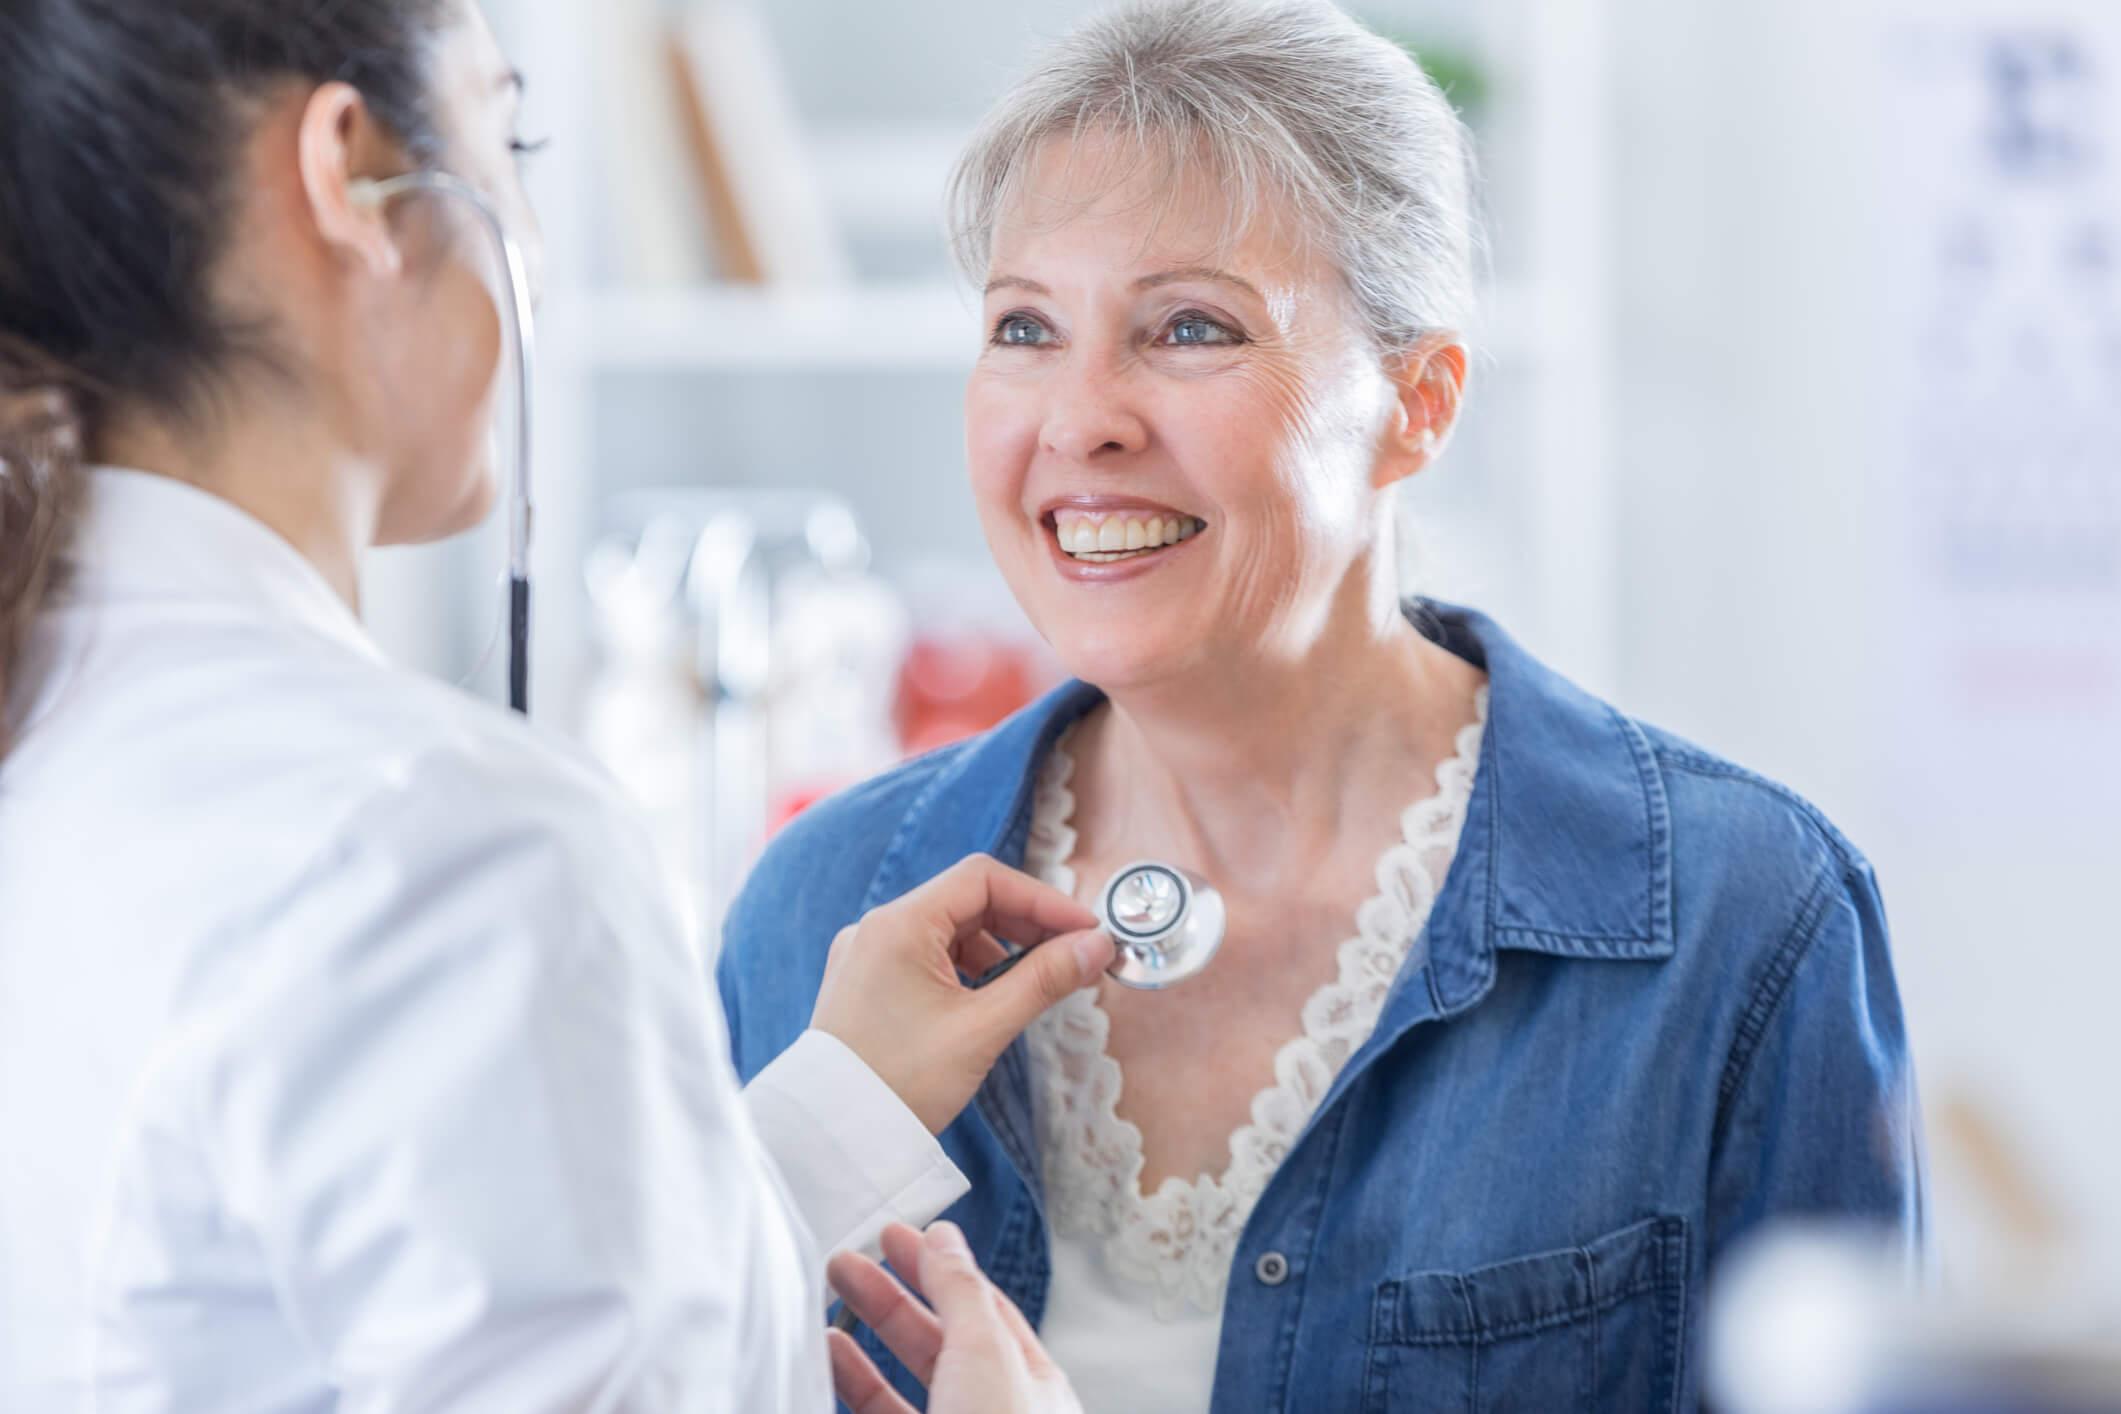 Maladie cardiaque : comment apprendre à mieux vivre avec un cœur malade ?